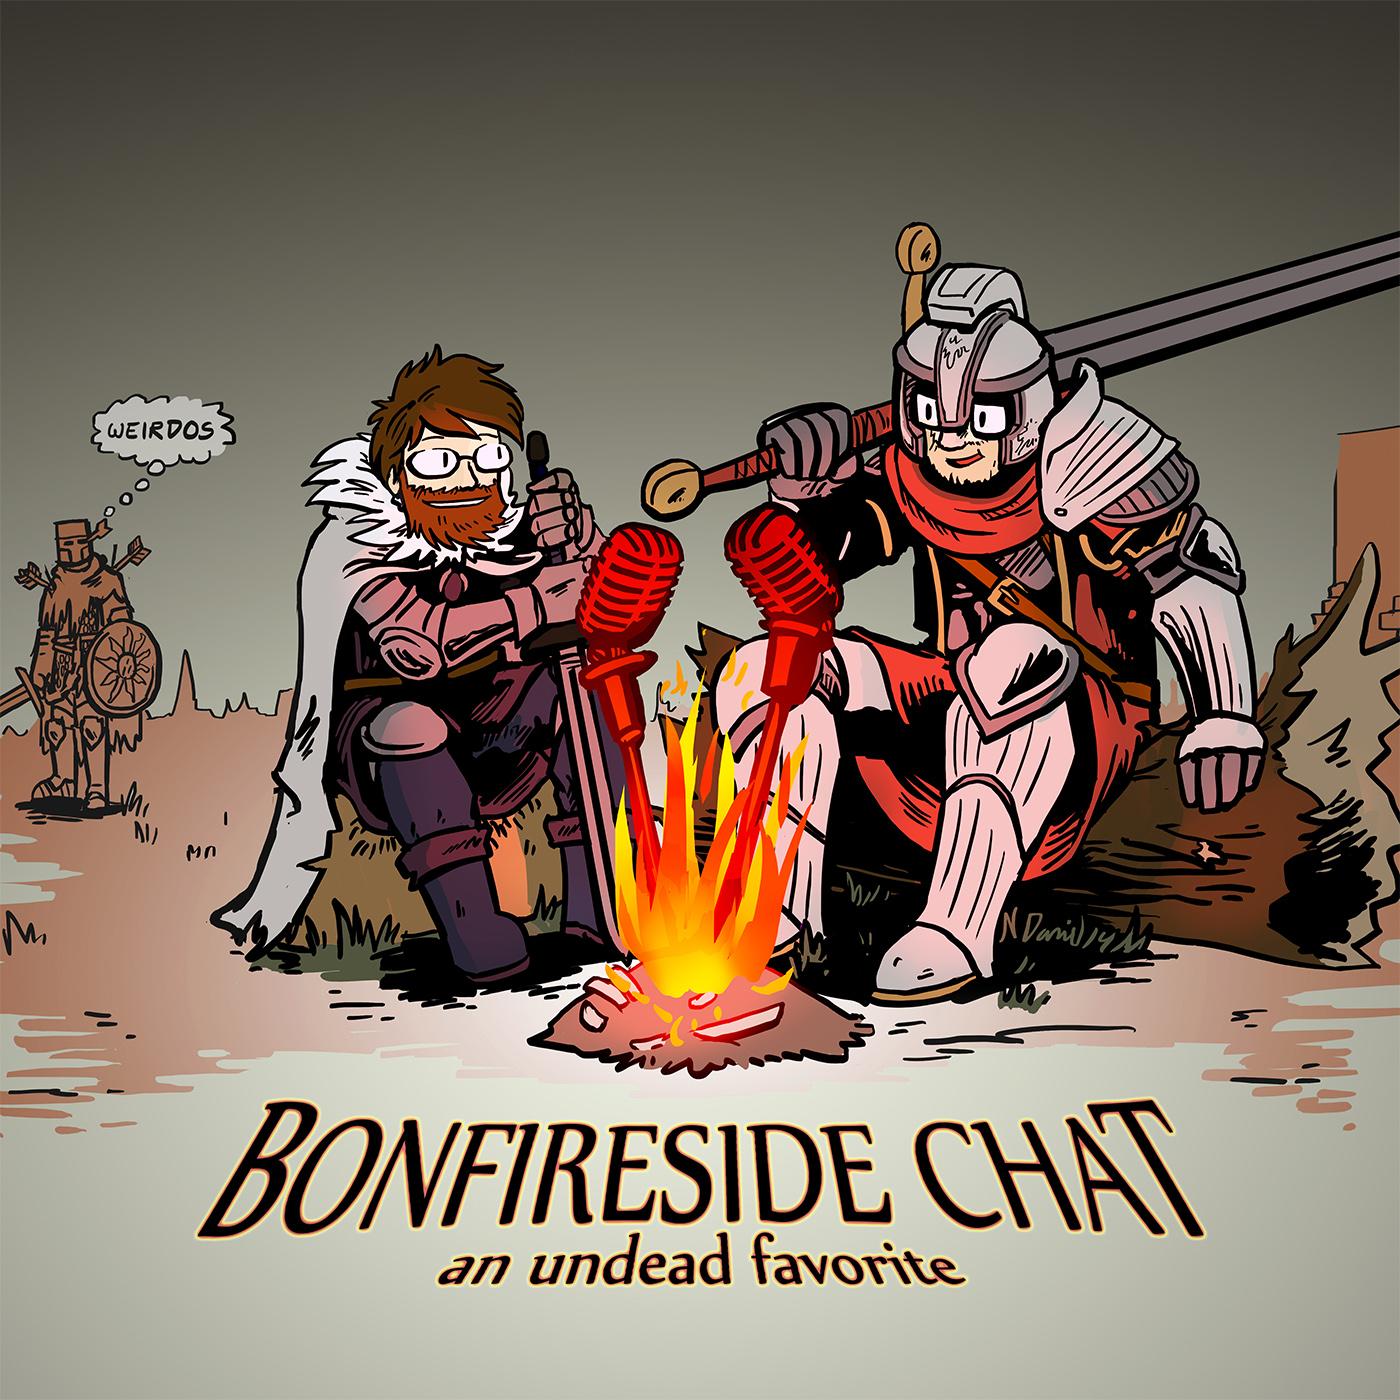 Bonfireside Chat Album Art.jpg